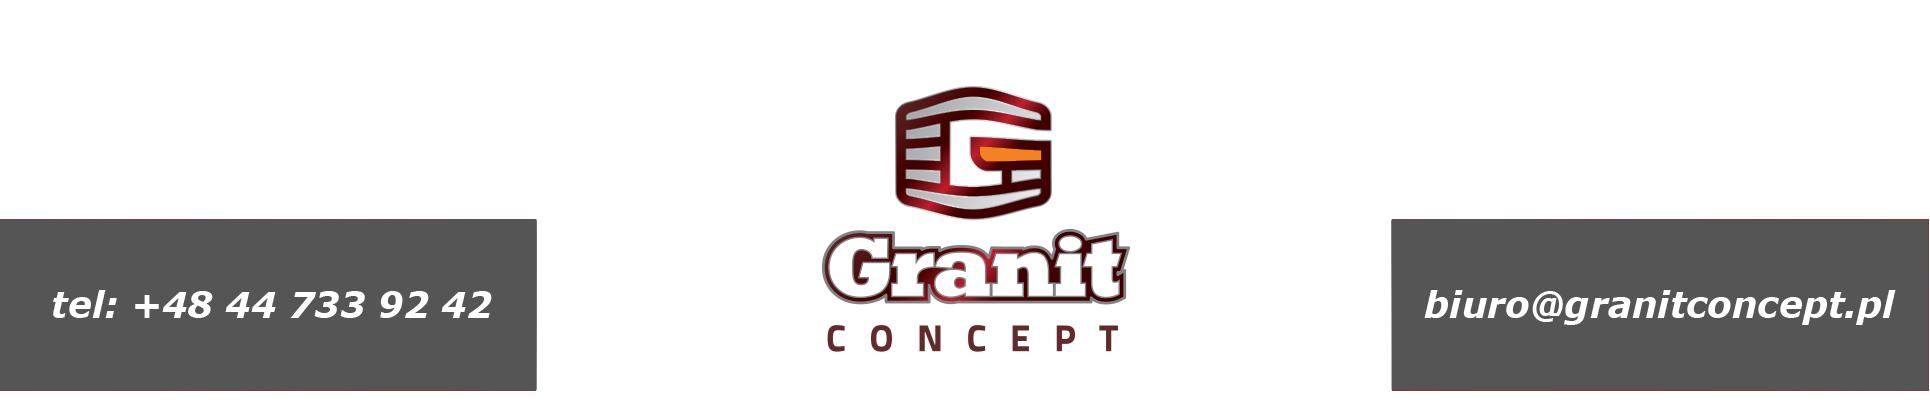 Granit Concept - sprzedaż granitu, schody, płyty, blaty, parapety, granitowe, granity